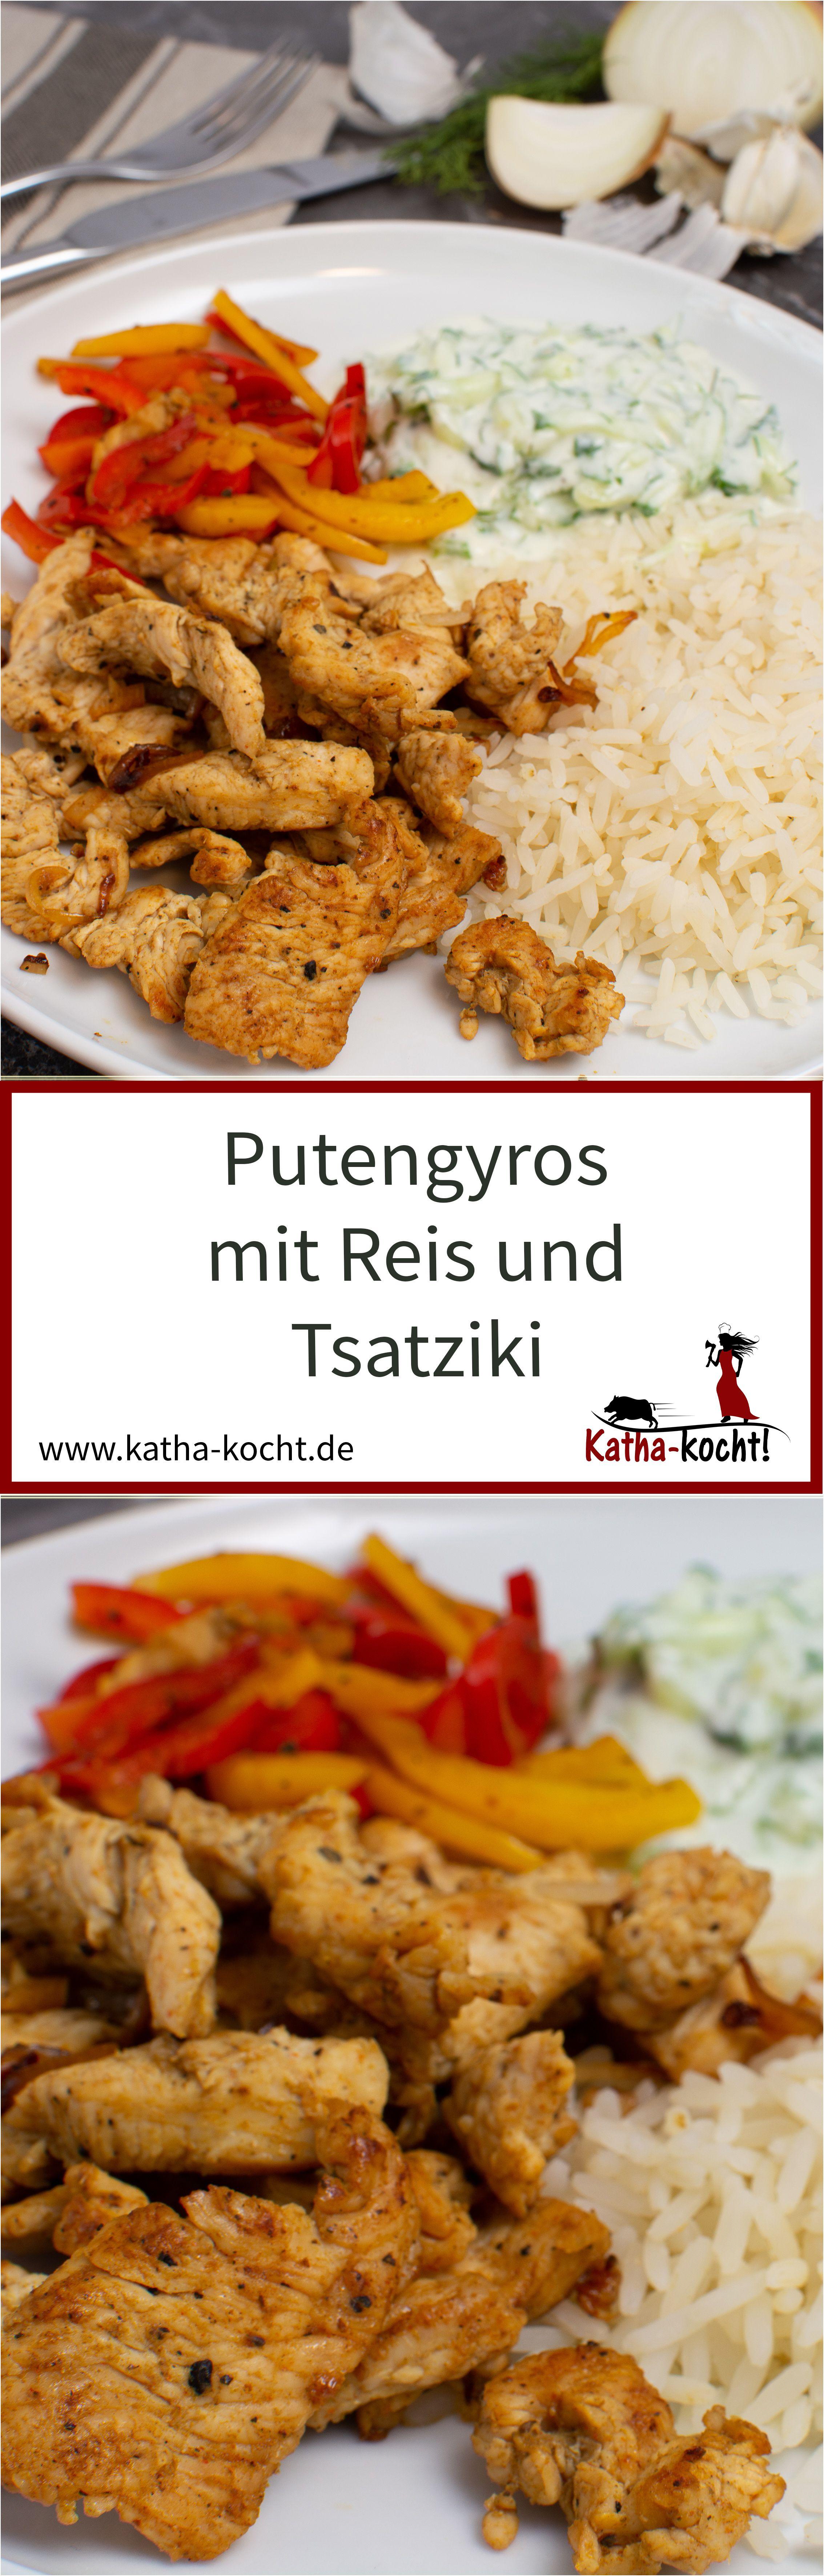 putengyros mit reis und tsatziki c c cooking cooking recipes und food. Black Bedroom Furniture Sets. Home Design Ideas